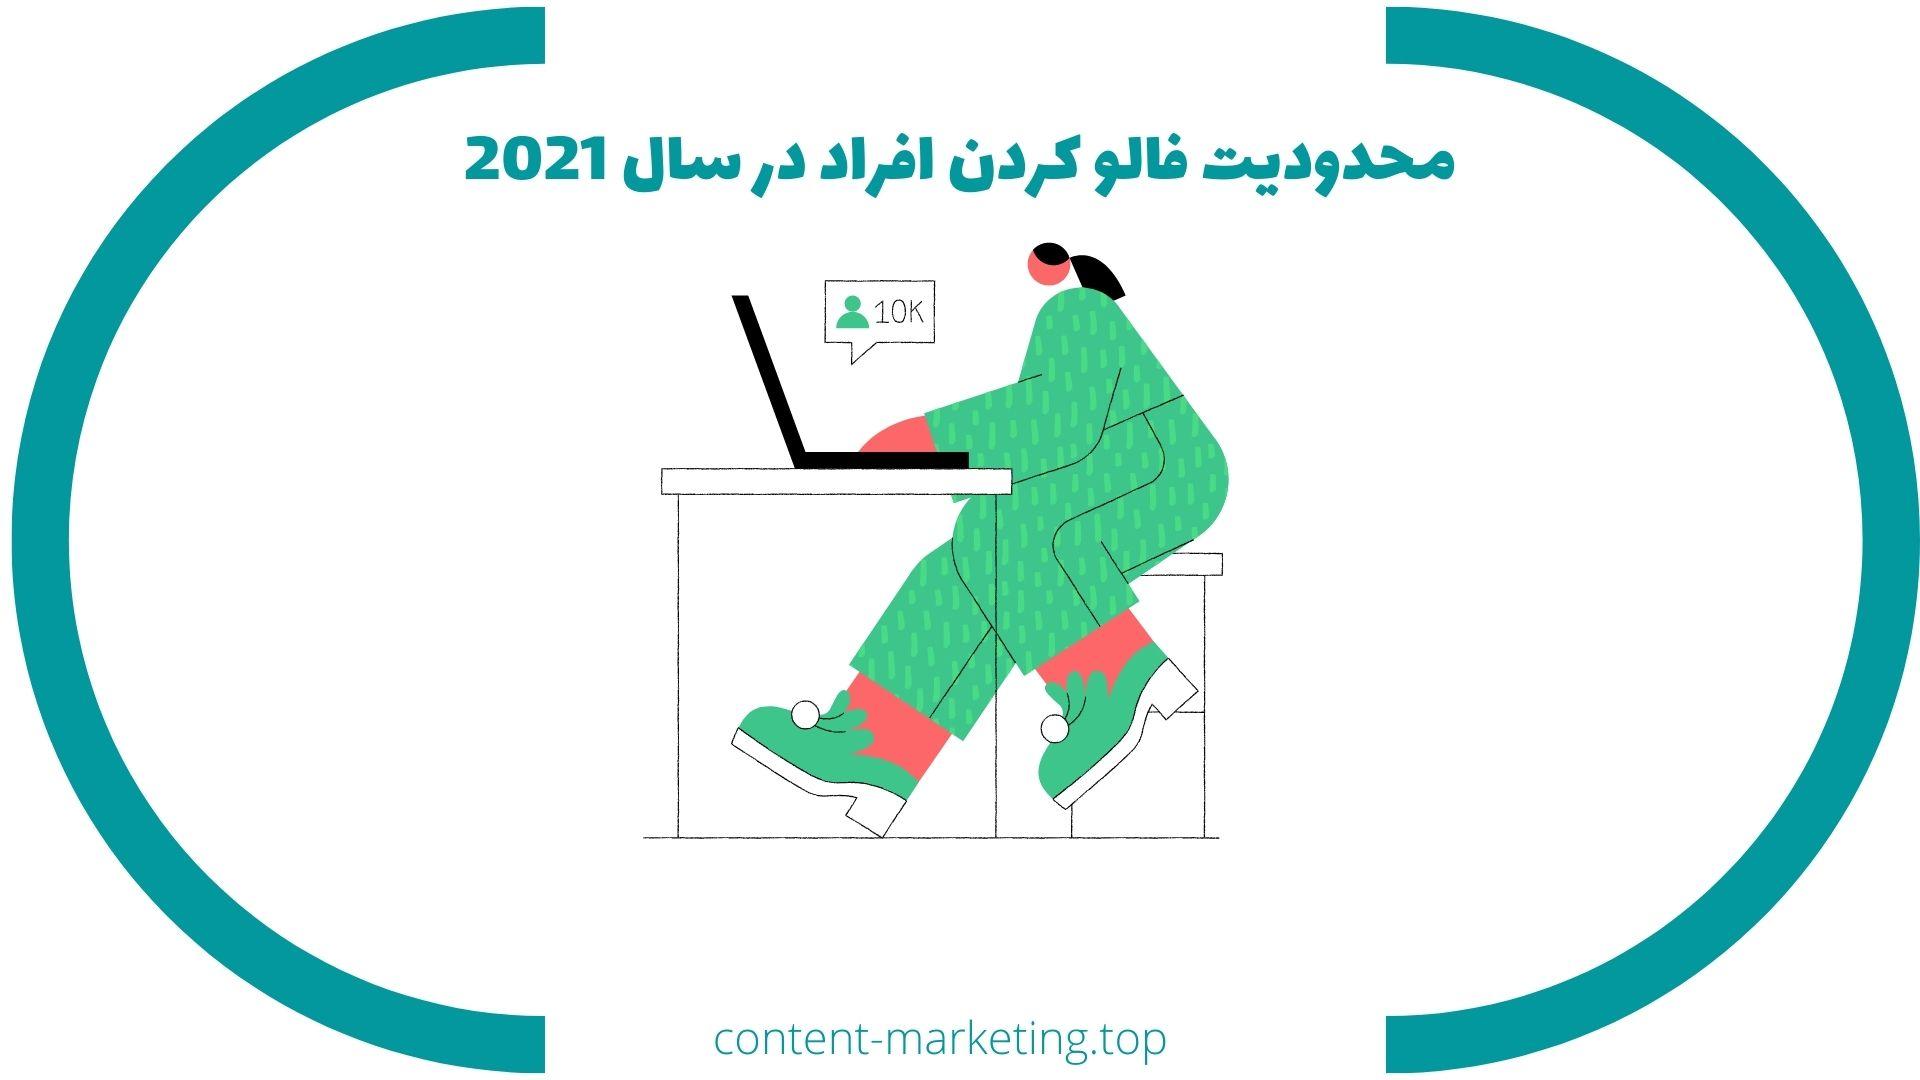 محدودیت فالو کردن افراد در سال 2021